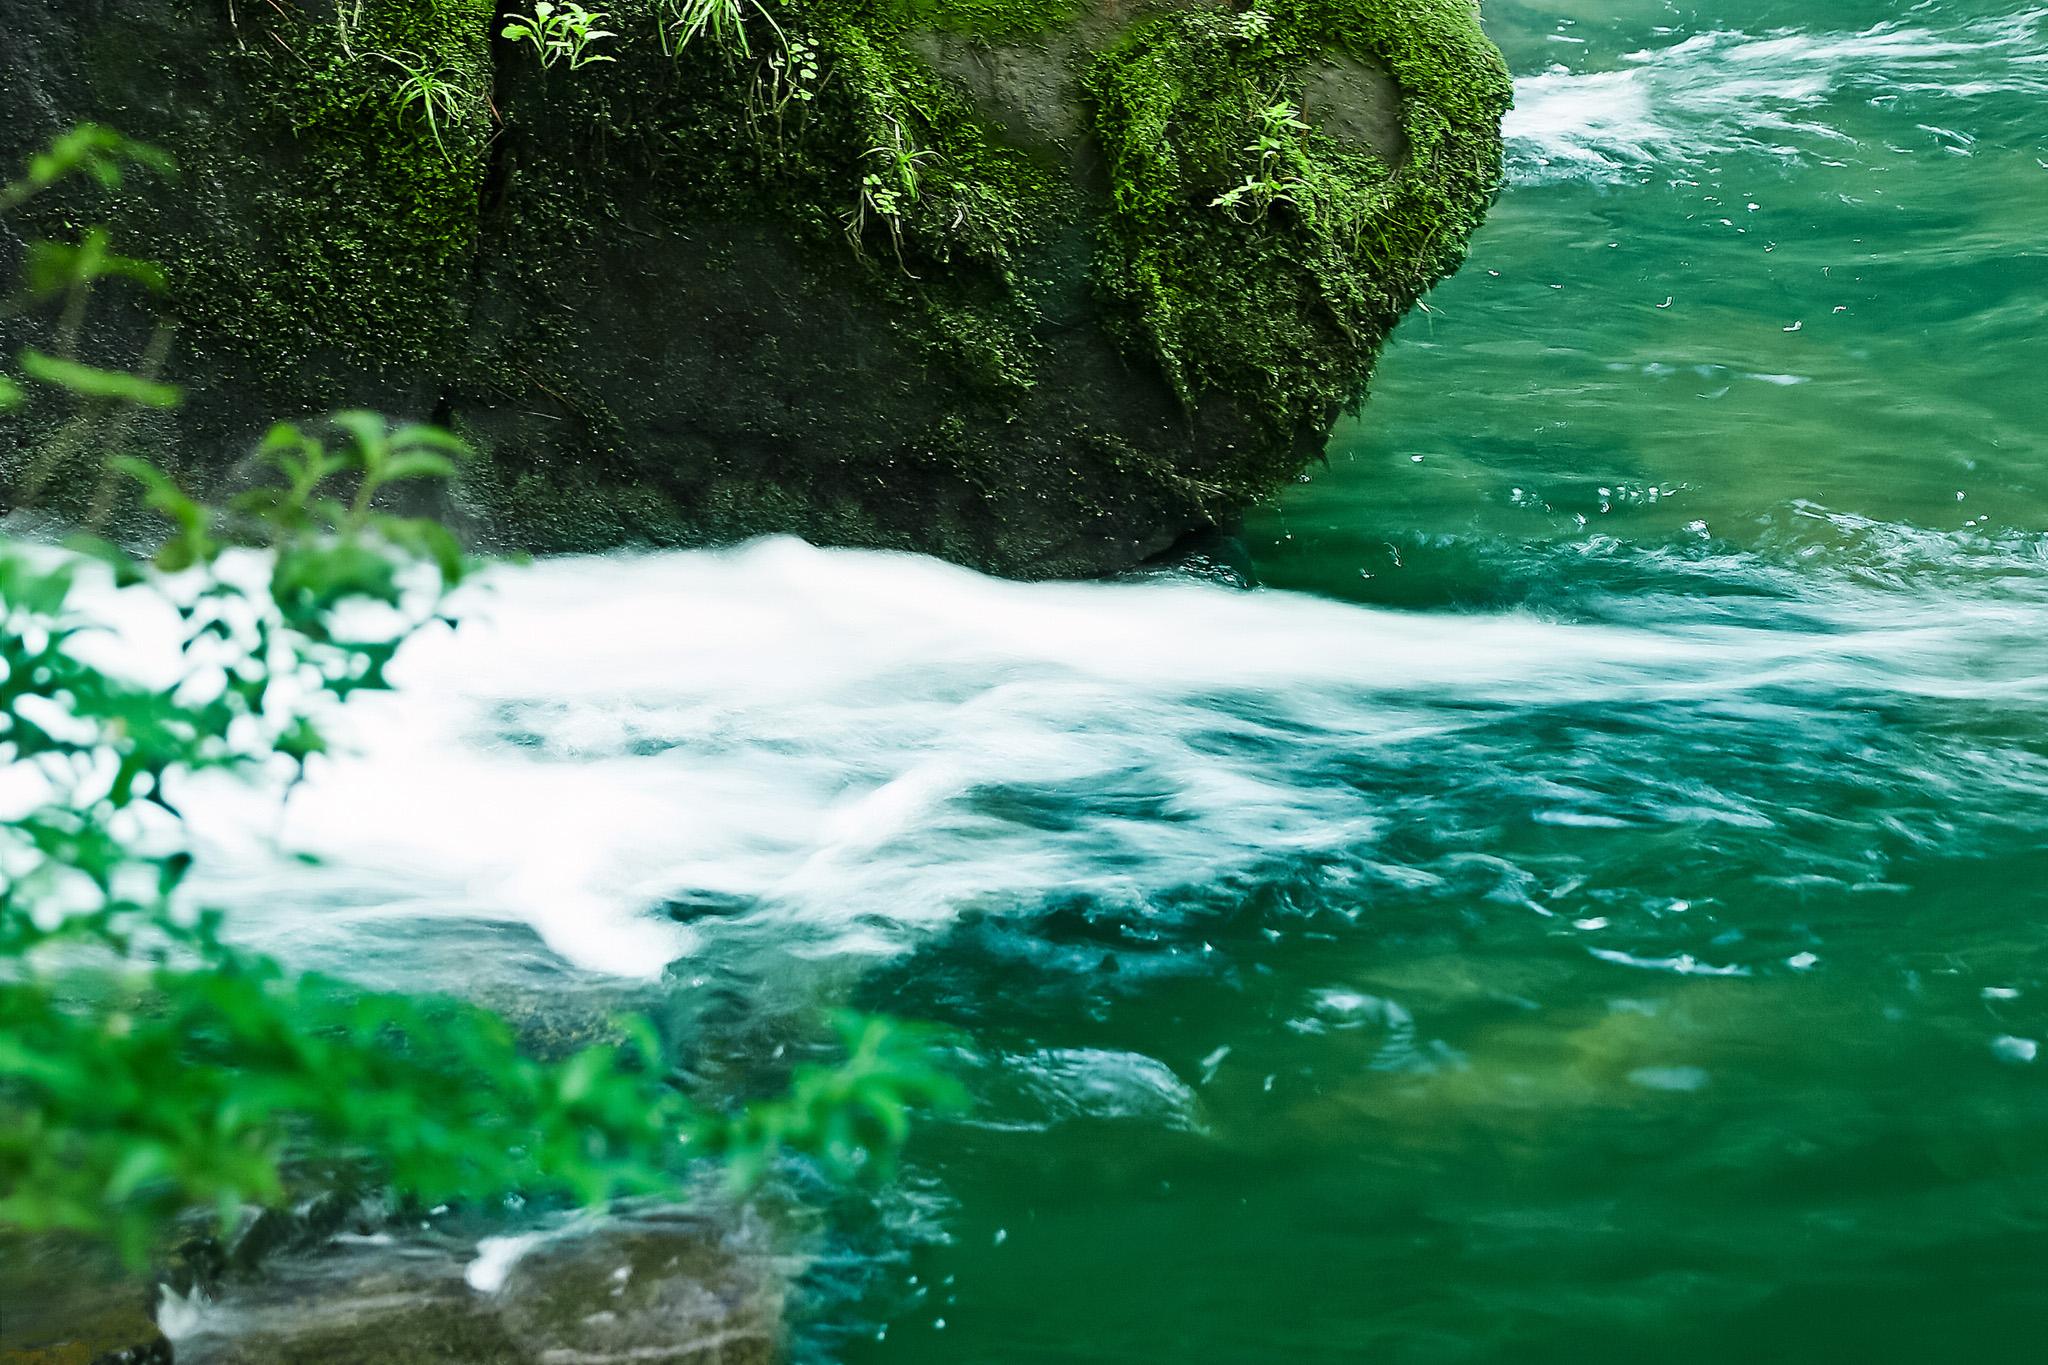 「川縁に緑の葉が揺れる」の画像を無料ダウンロード